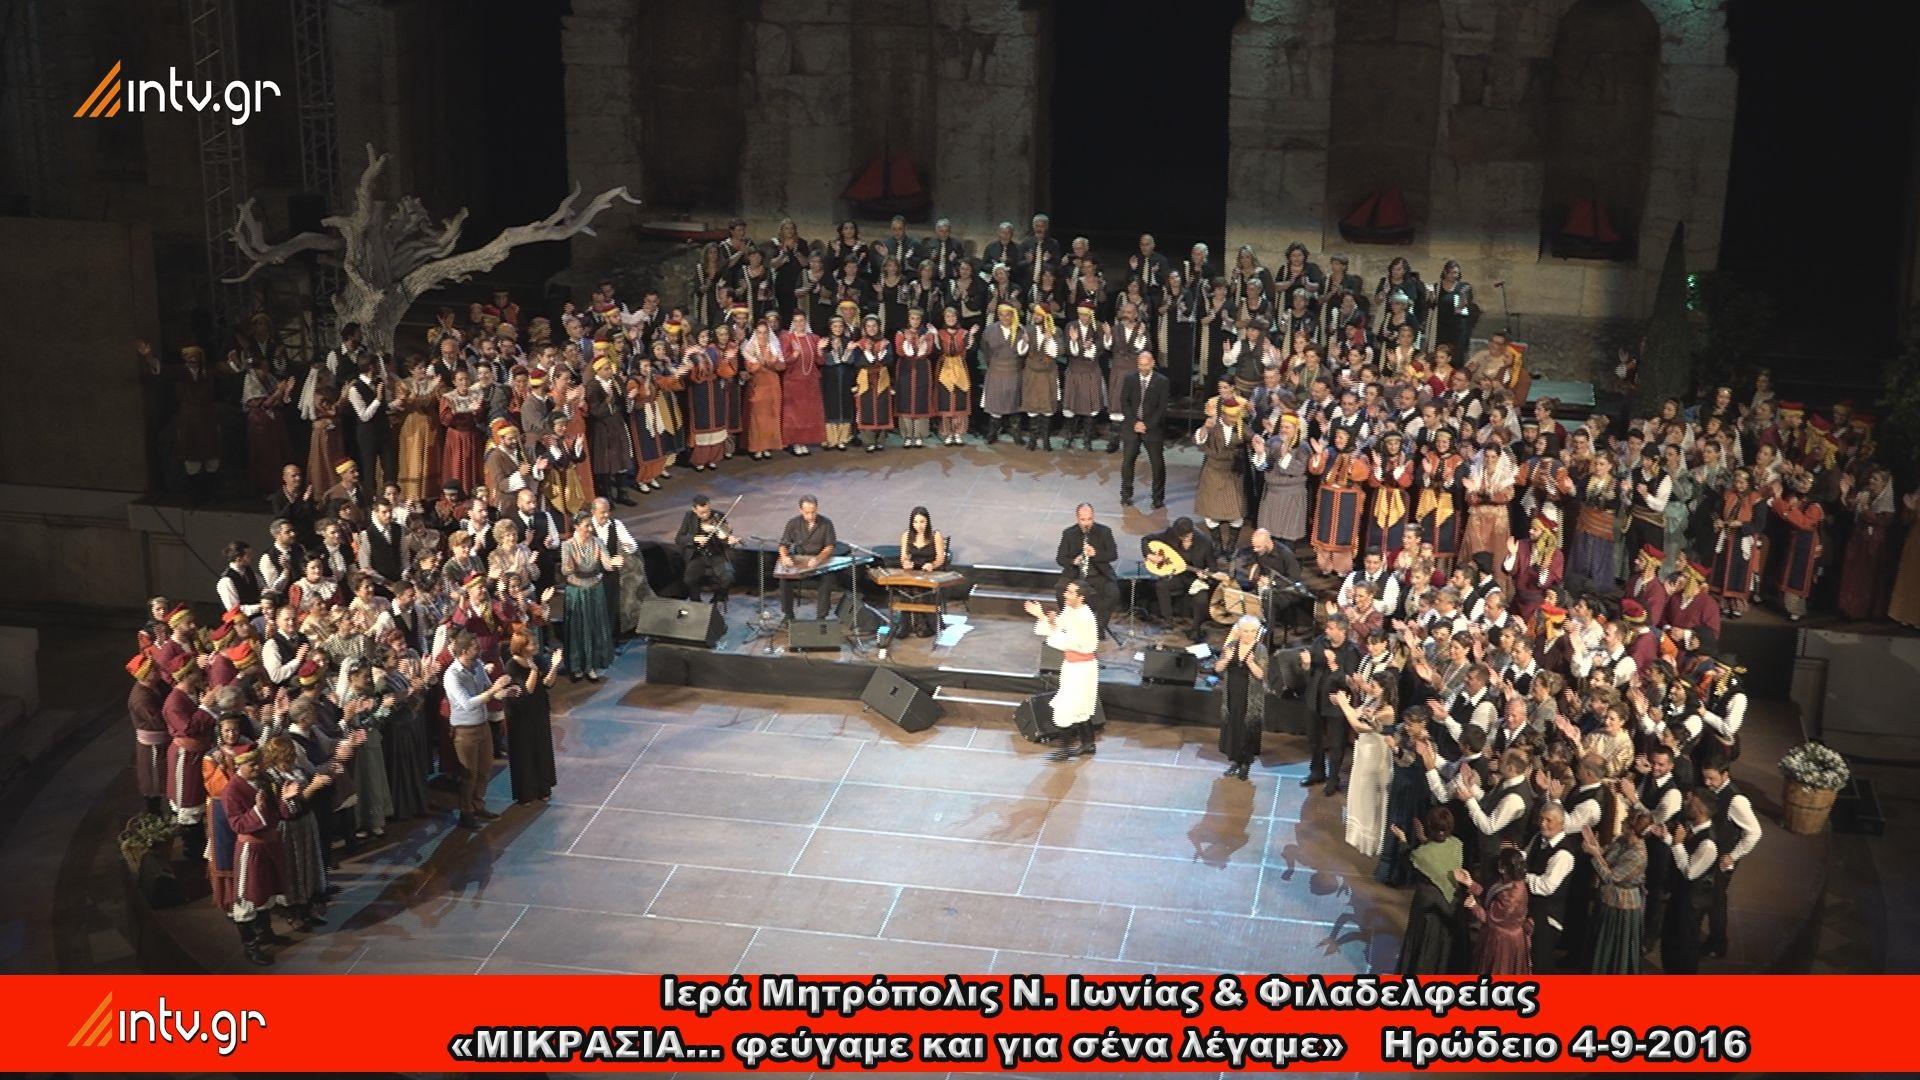 Ιερά Μητρόπολις Ν. Ιωνίας & Φιλαδελφείας - «ΜΙΚΡΑΣΙΑ… φεύγαμε και για σένα λέγαμε» - Ωδείο Ηρώδου του Αττικού